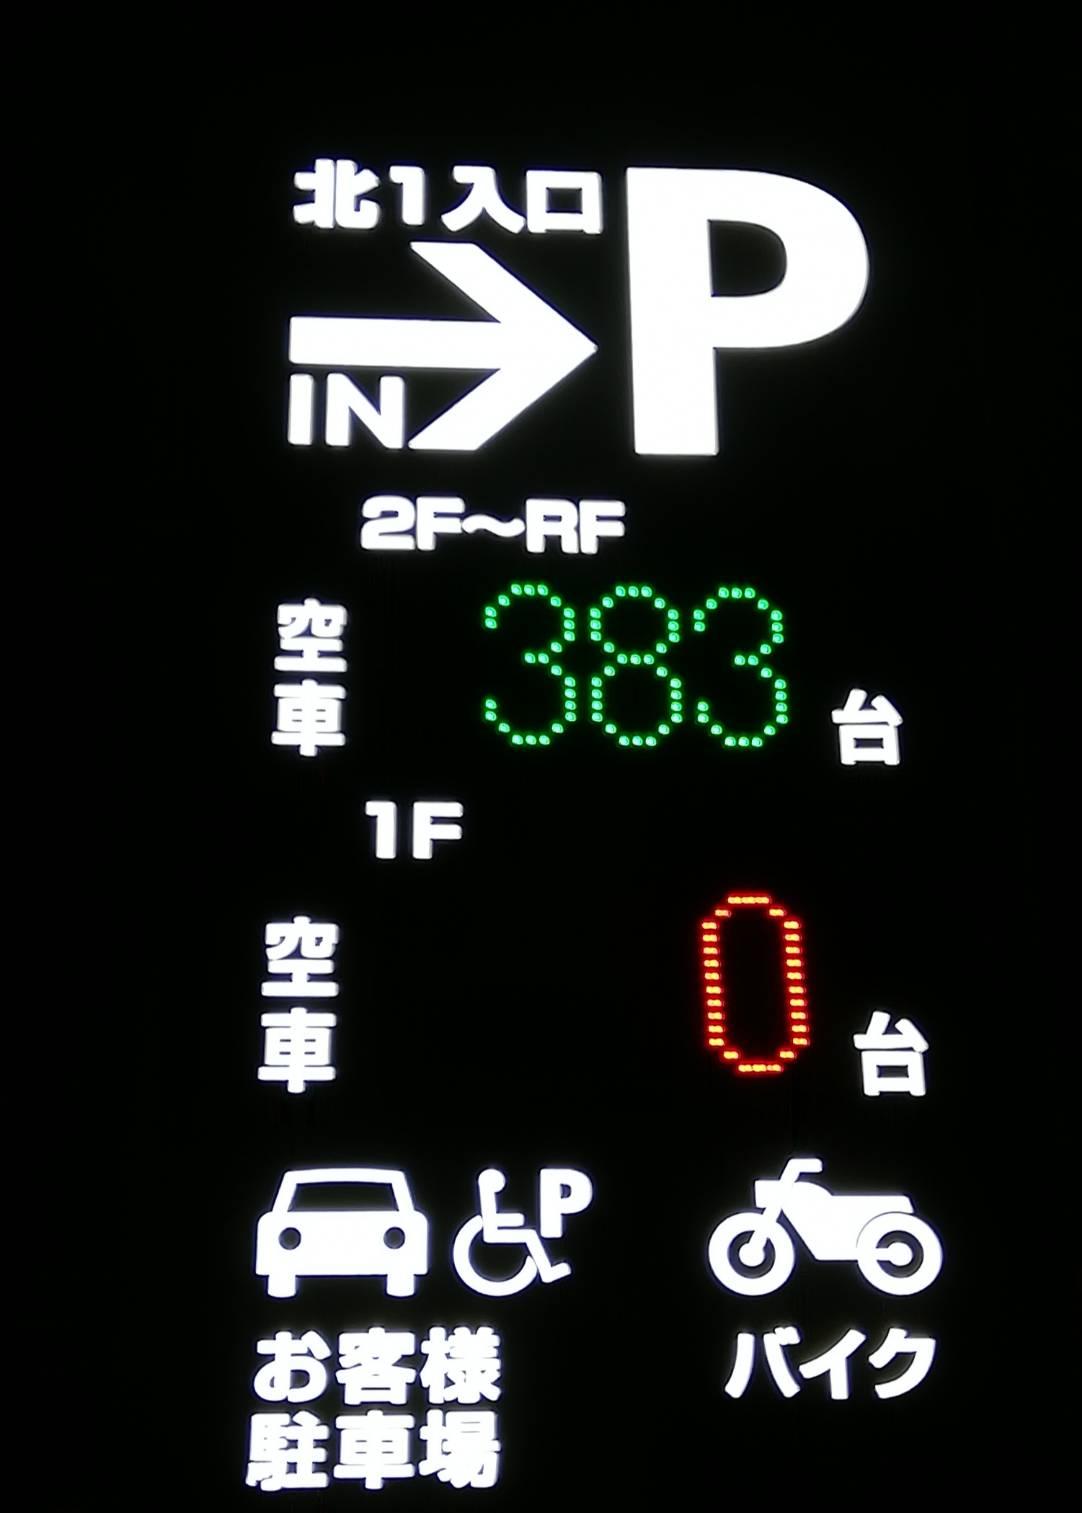 テラスモール松戸バス渋滞連休